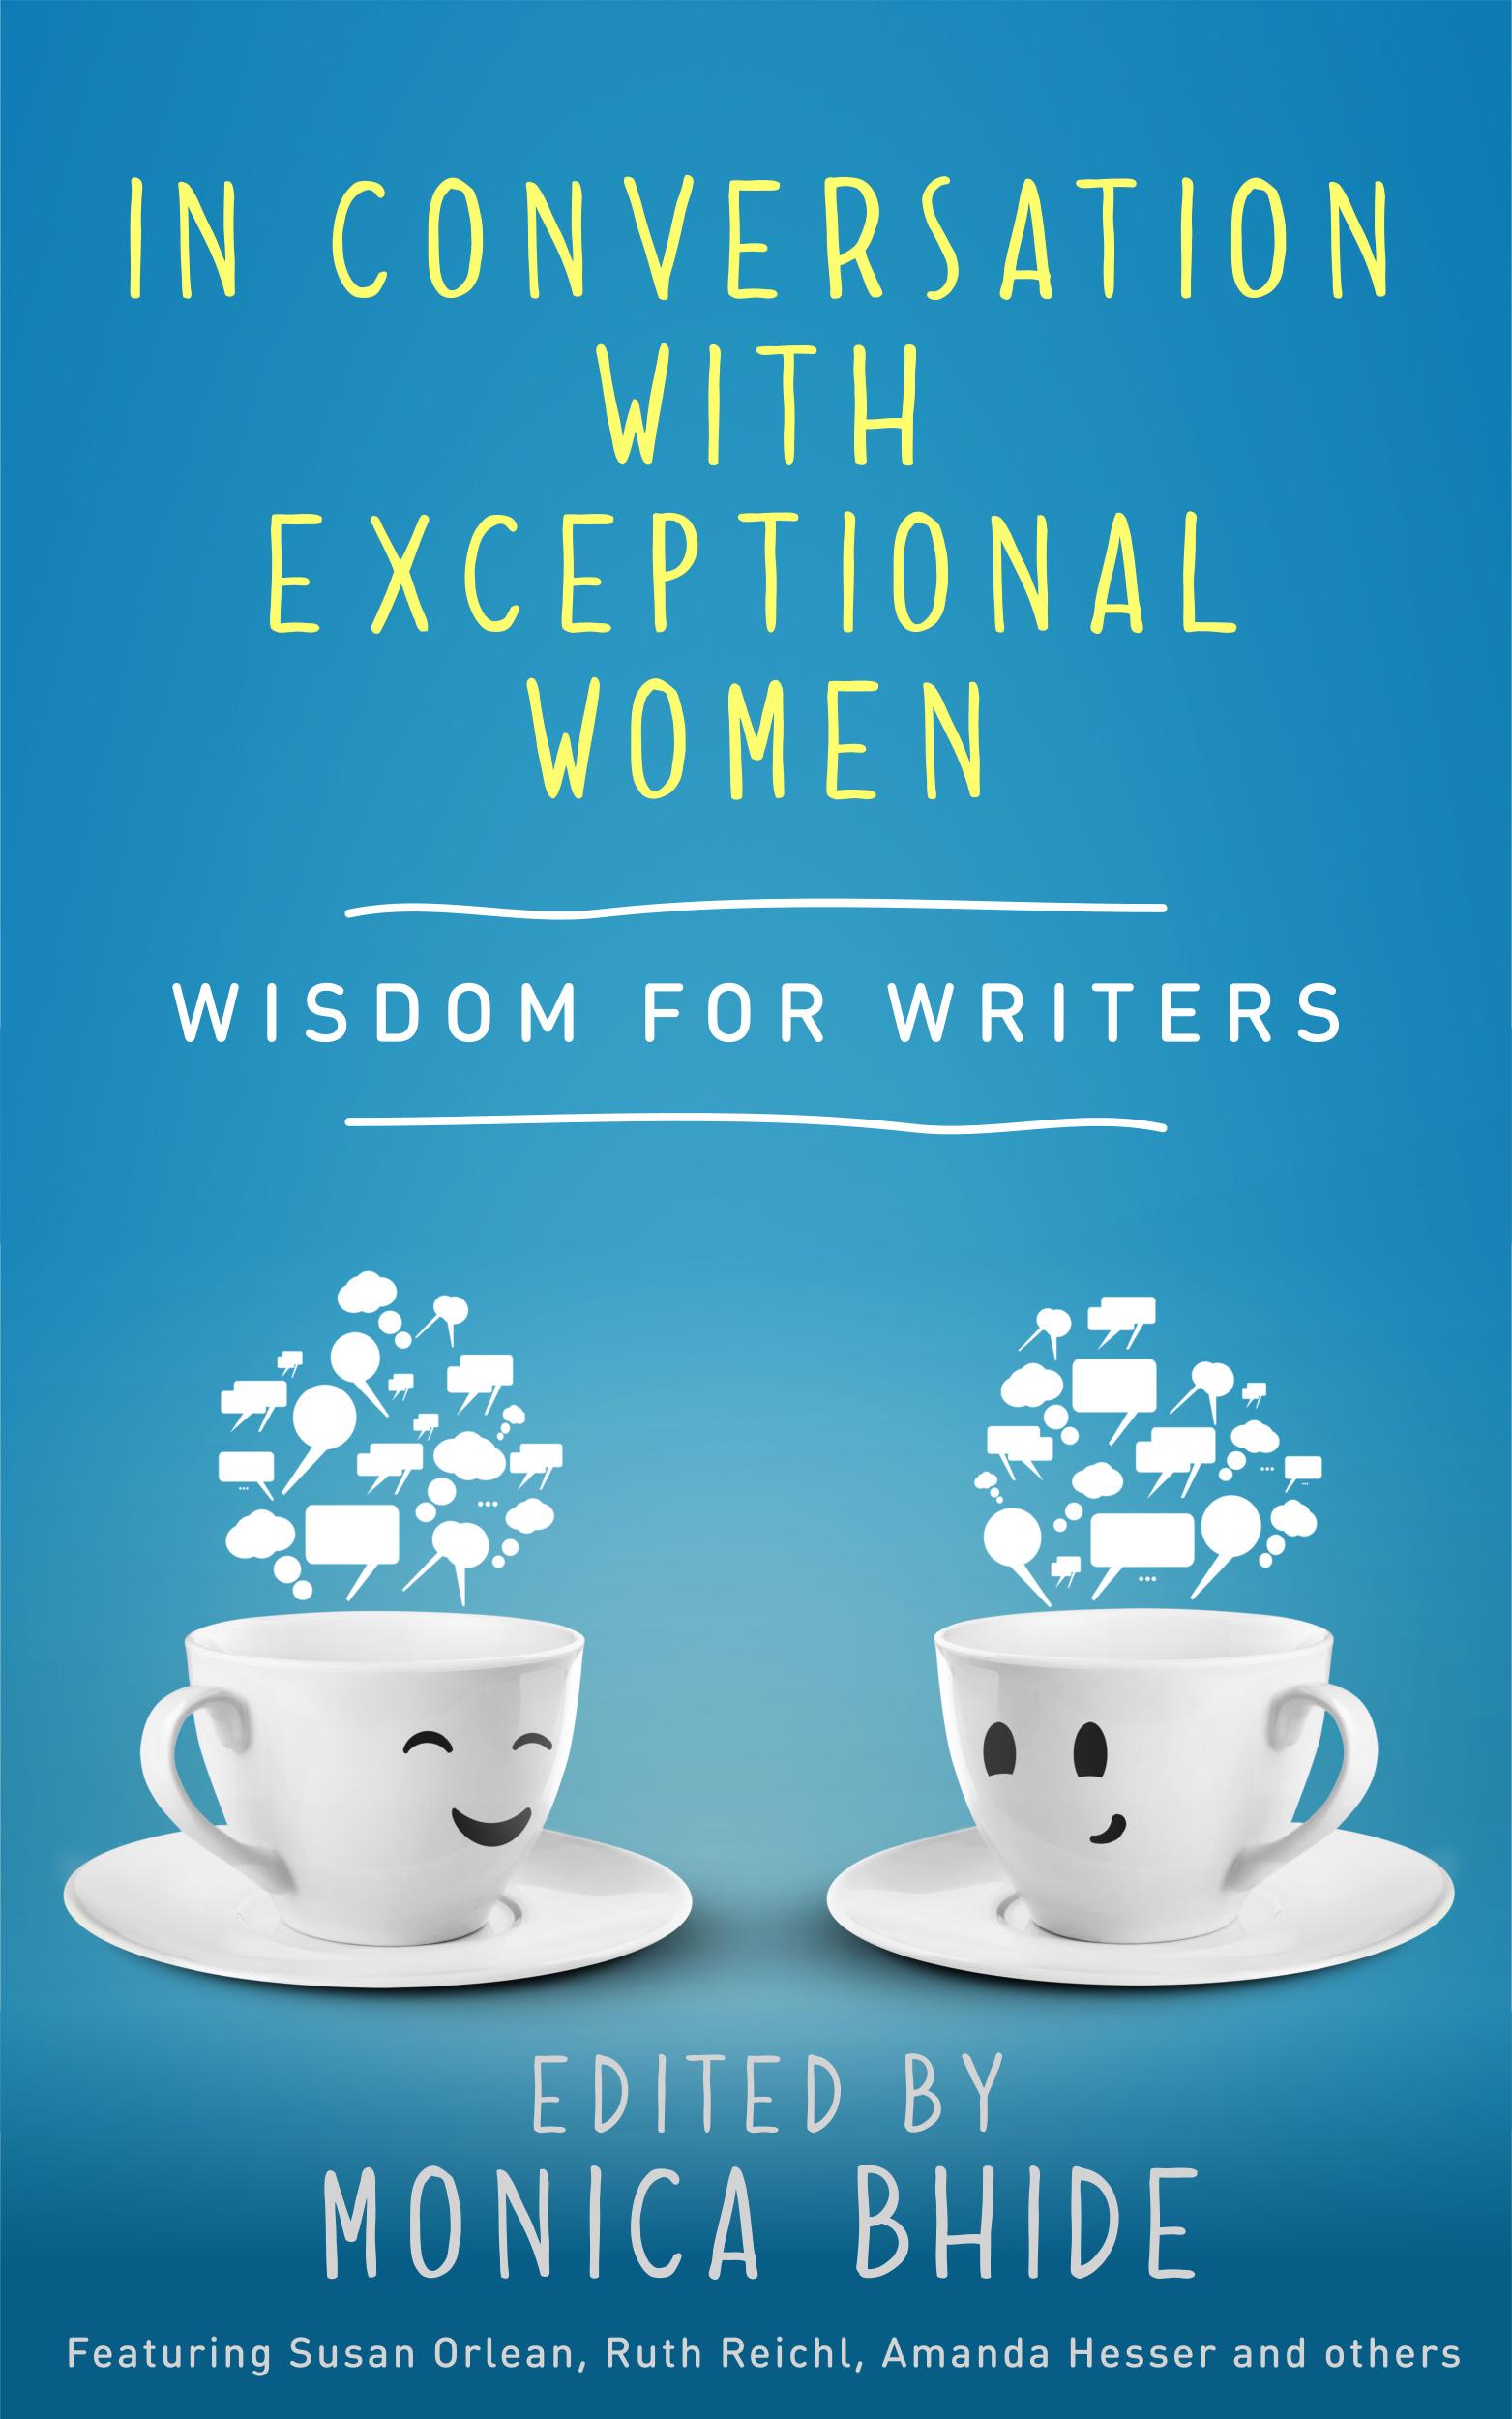 Wisdom for Writers